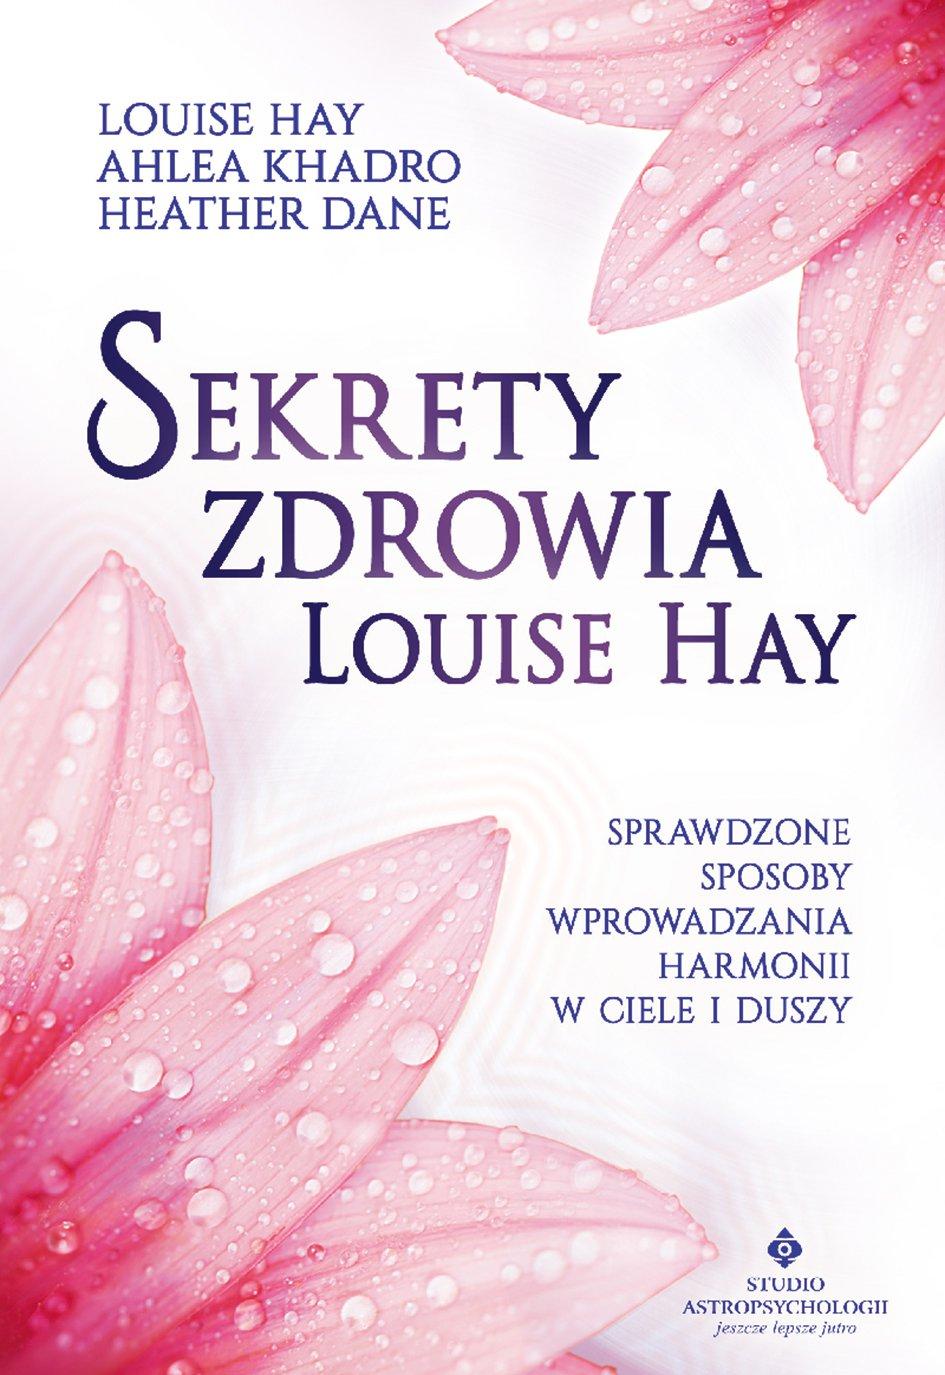 Sekrety zdrowia Louise Hay. Sprawdzone sposoby wprowadzania harmonii w ciele i duszy - Ebook (Książka na Kindle) do pobrania w formacie MOBI